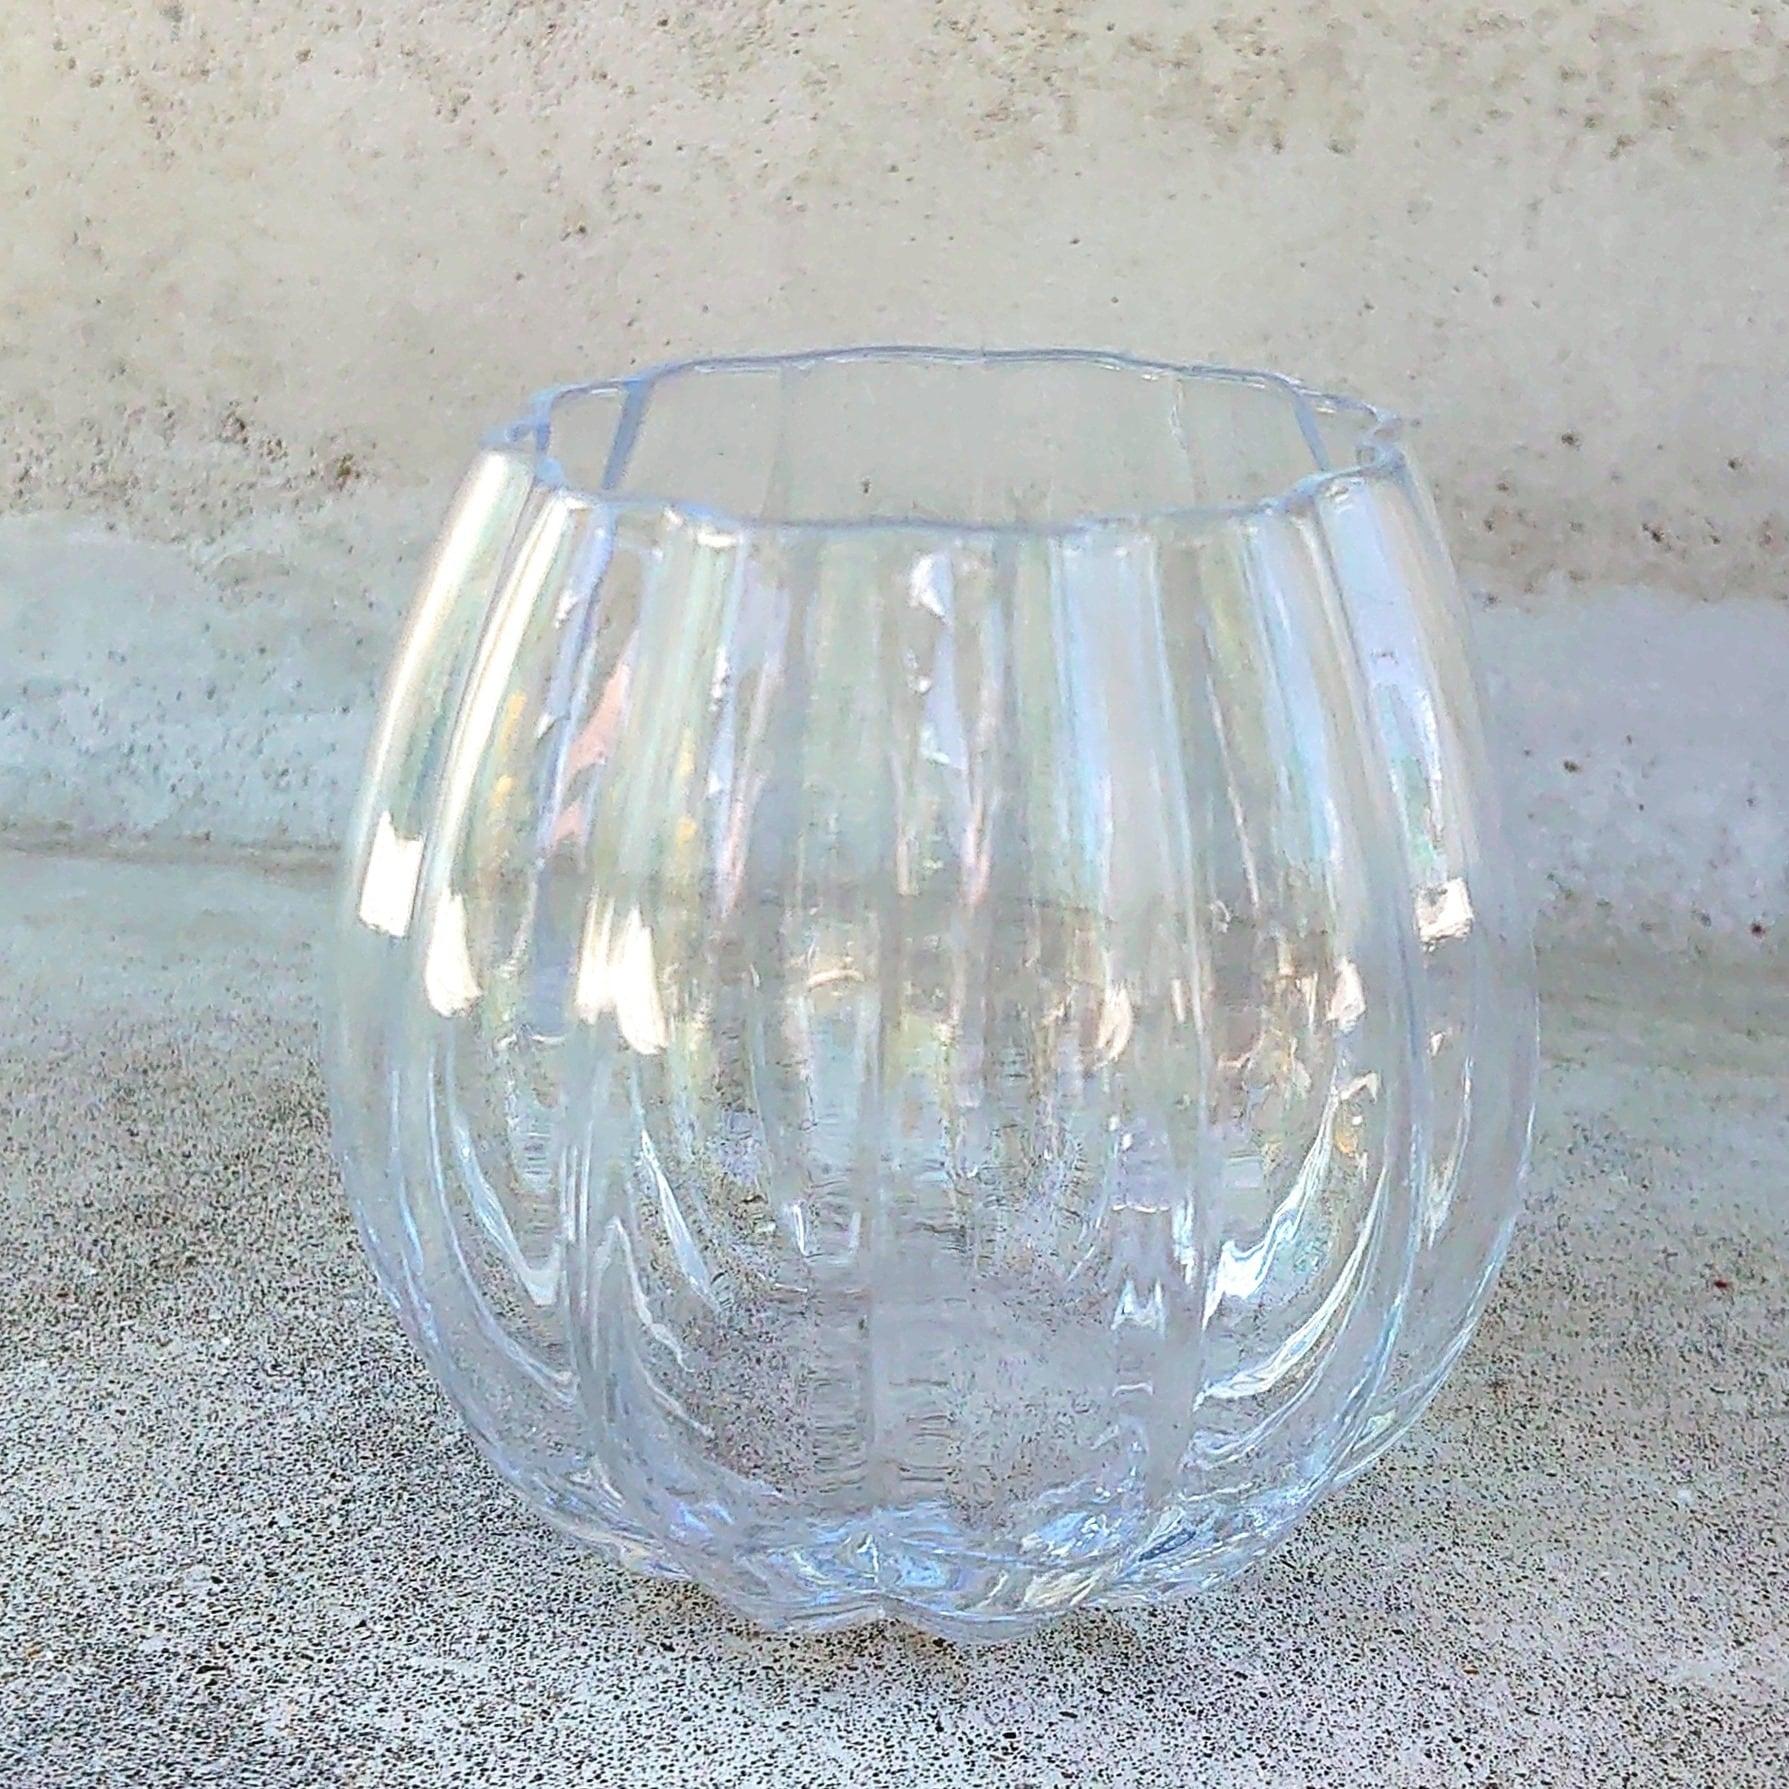 ★Sパンプキンのようなエレガントな花瓶! パンプキンボールベースのご紹介。